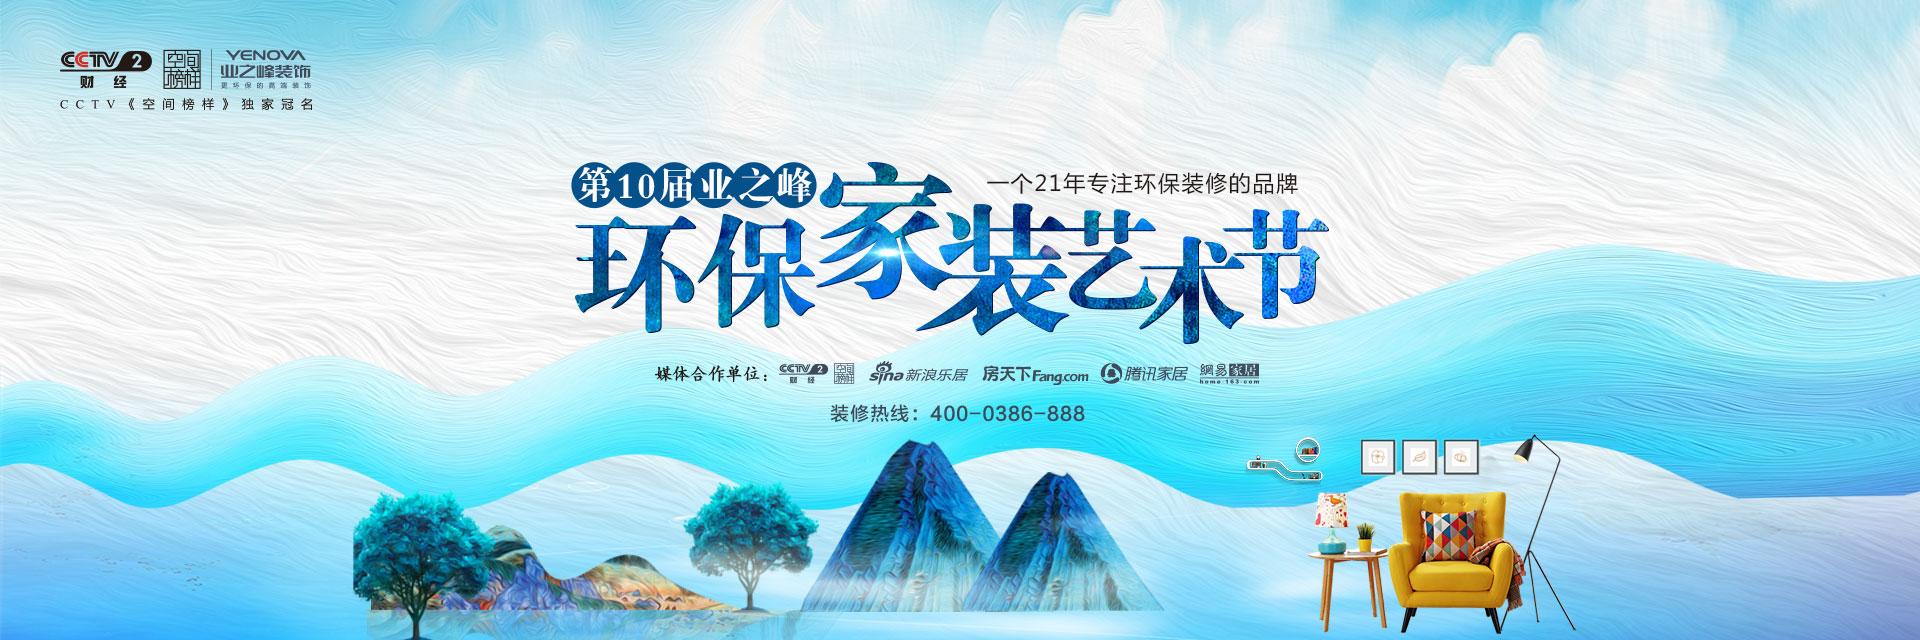 一个专注环保装修21年的品牌 | 第十届业之峰环保家装艺术节开幕!